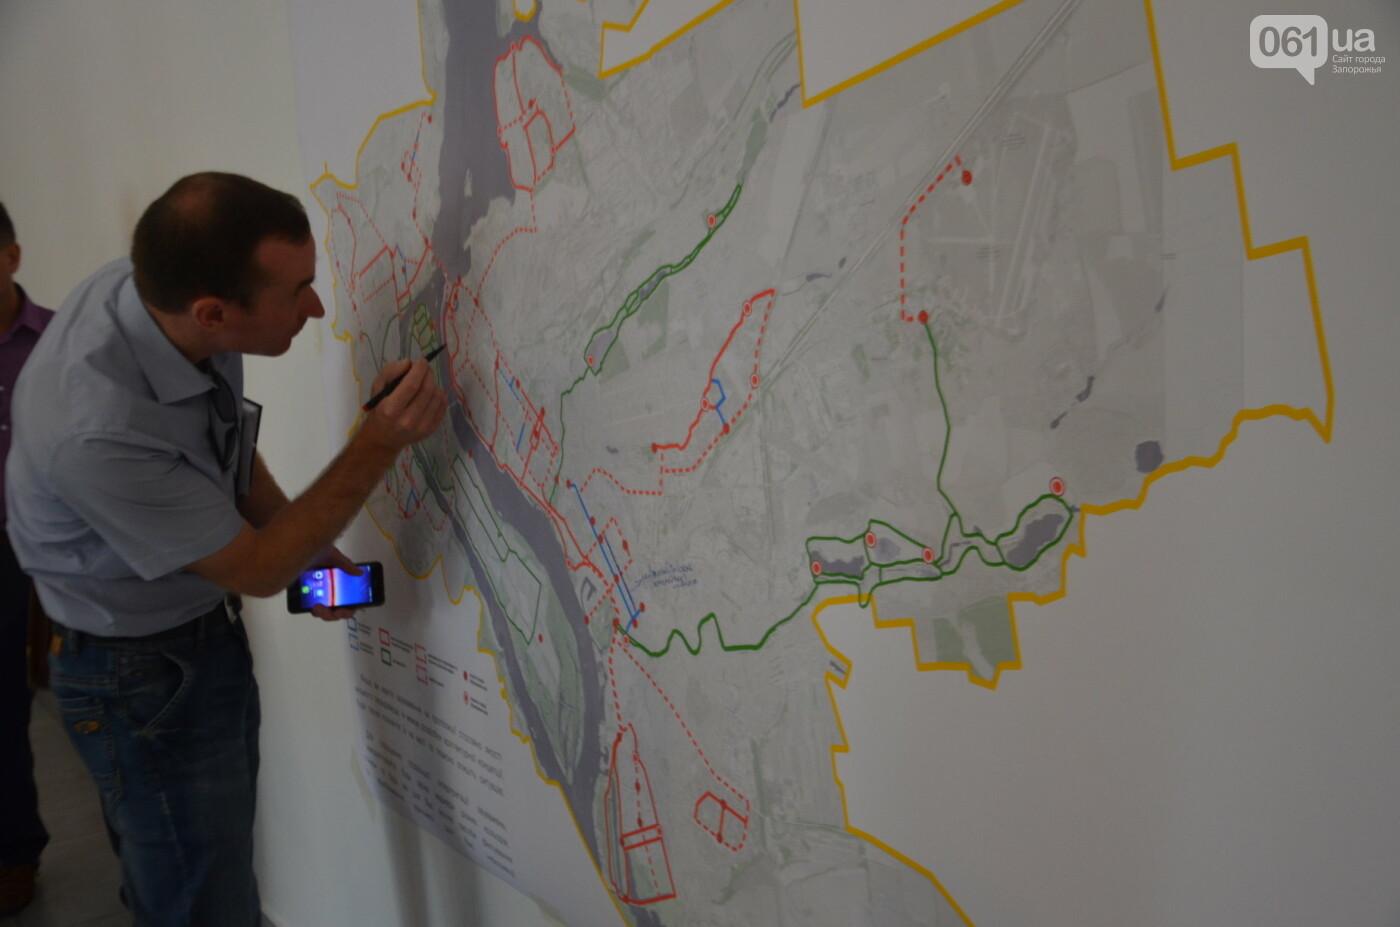 В Запорожье предлагают разрабатывать новые зеленые зоны, велопешеходные и экологические маршруты, фото-24